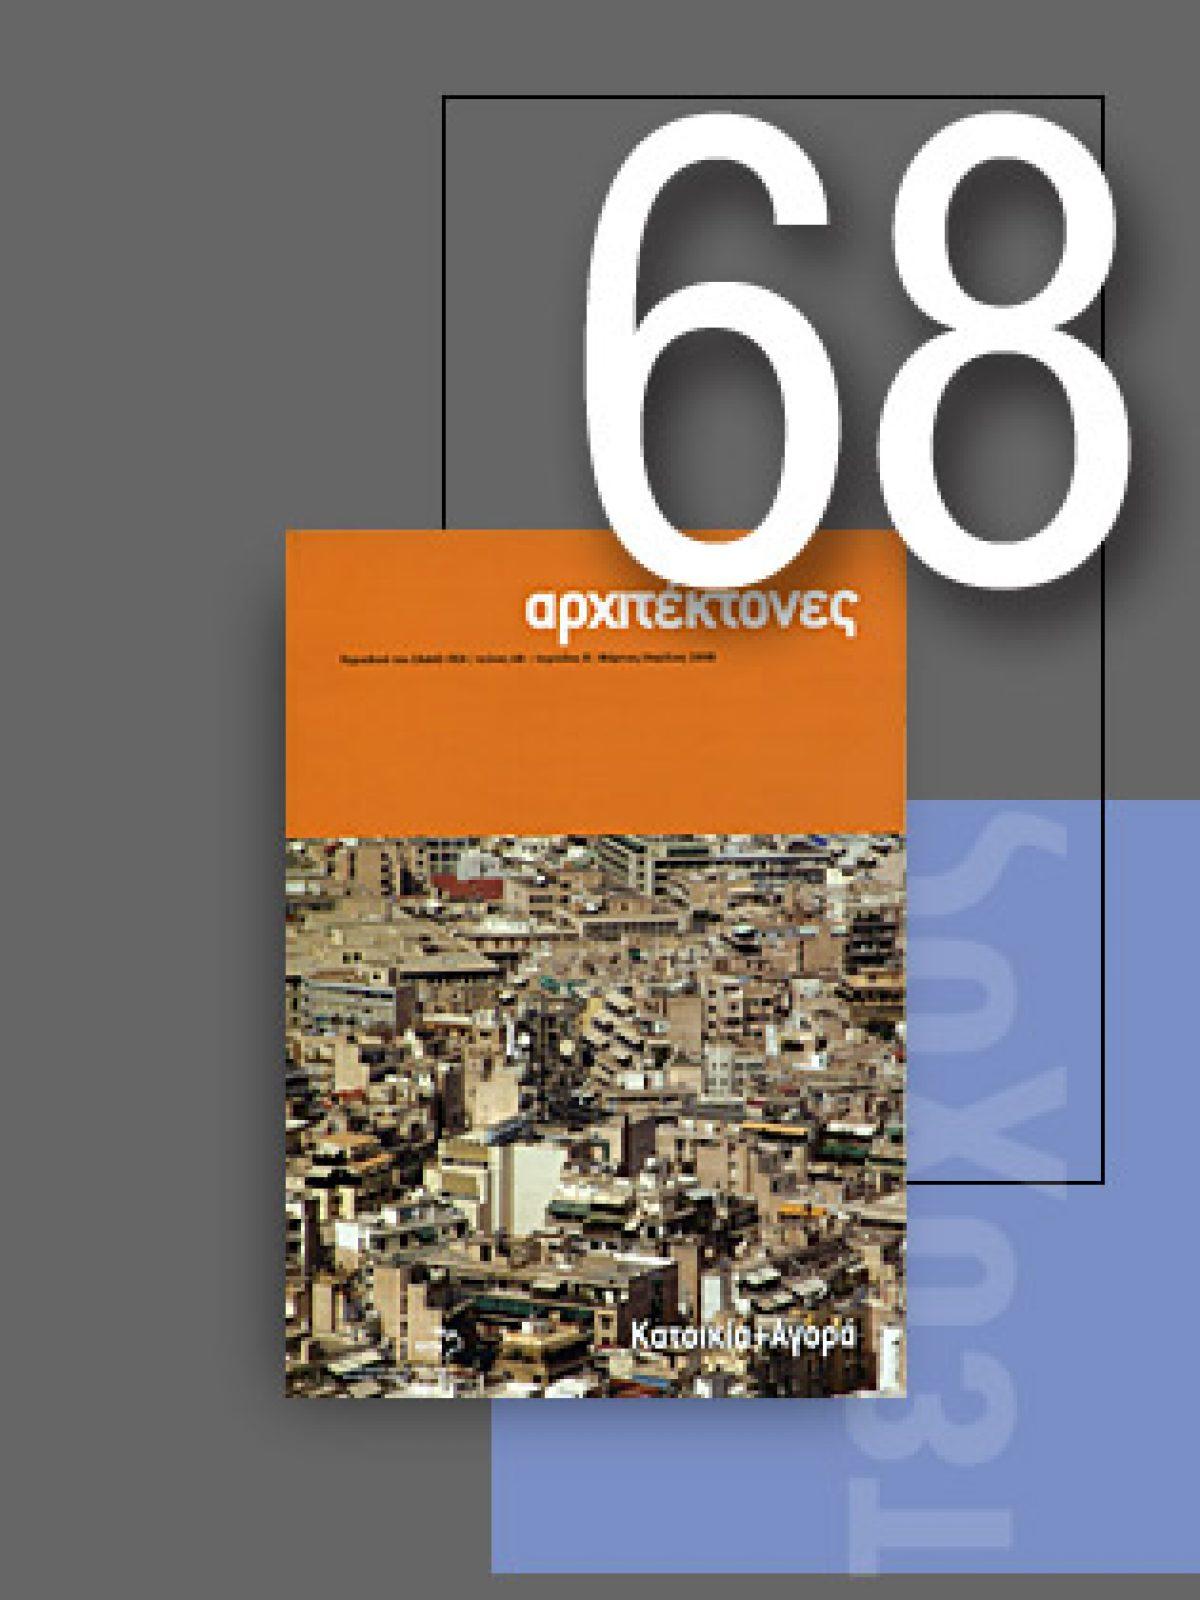 «Αρχιτέκτονες» Τεύχος 68, Περίοδος Β', Μάρτιος/Απρίλιος 2008 | Κατοικία + Αγορά